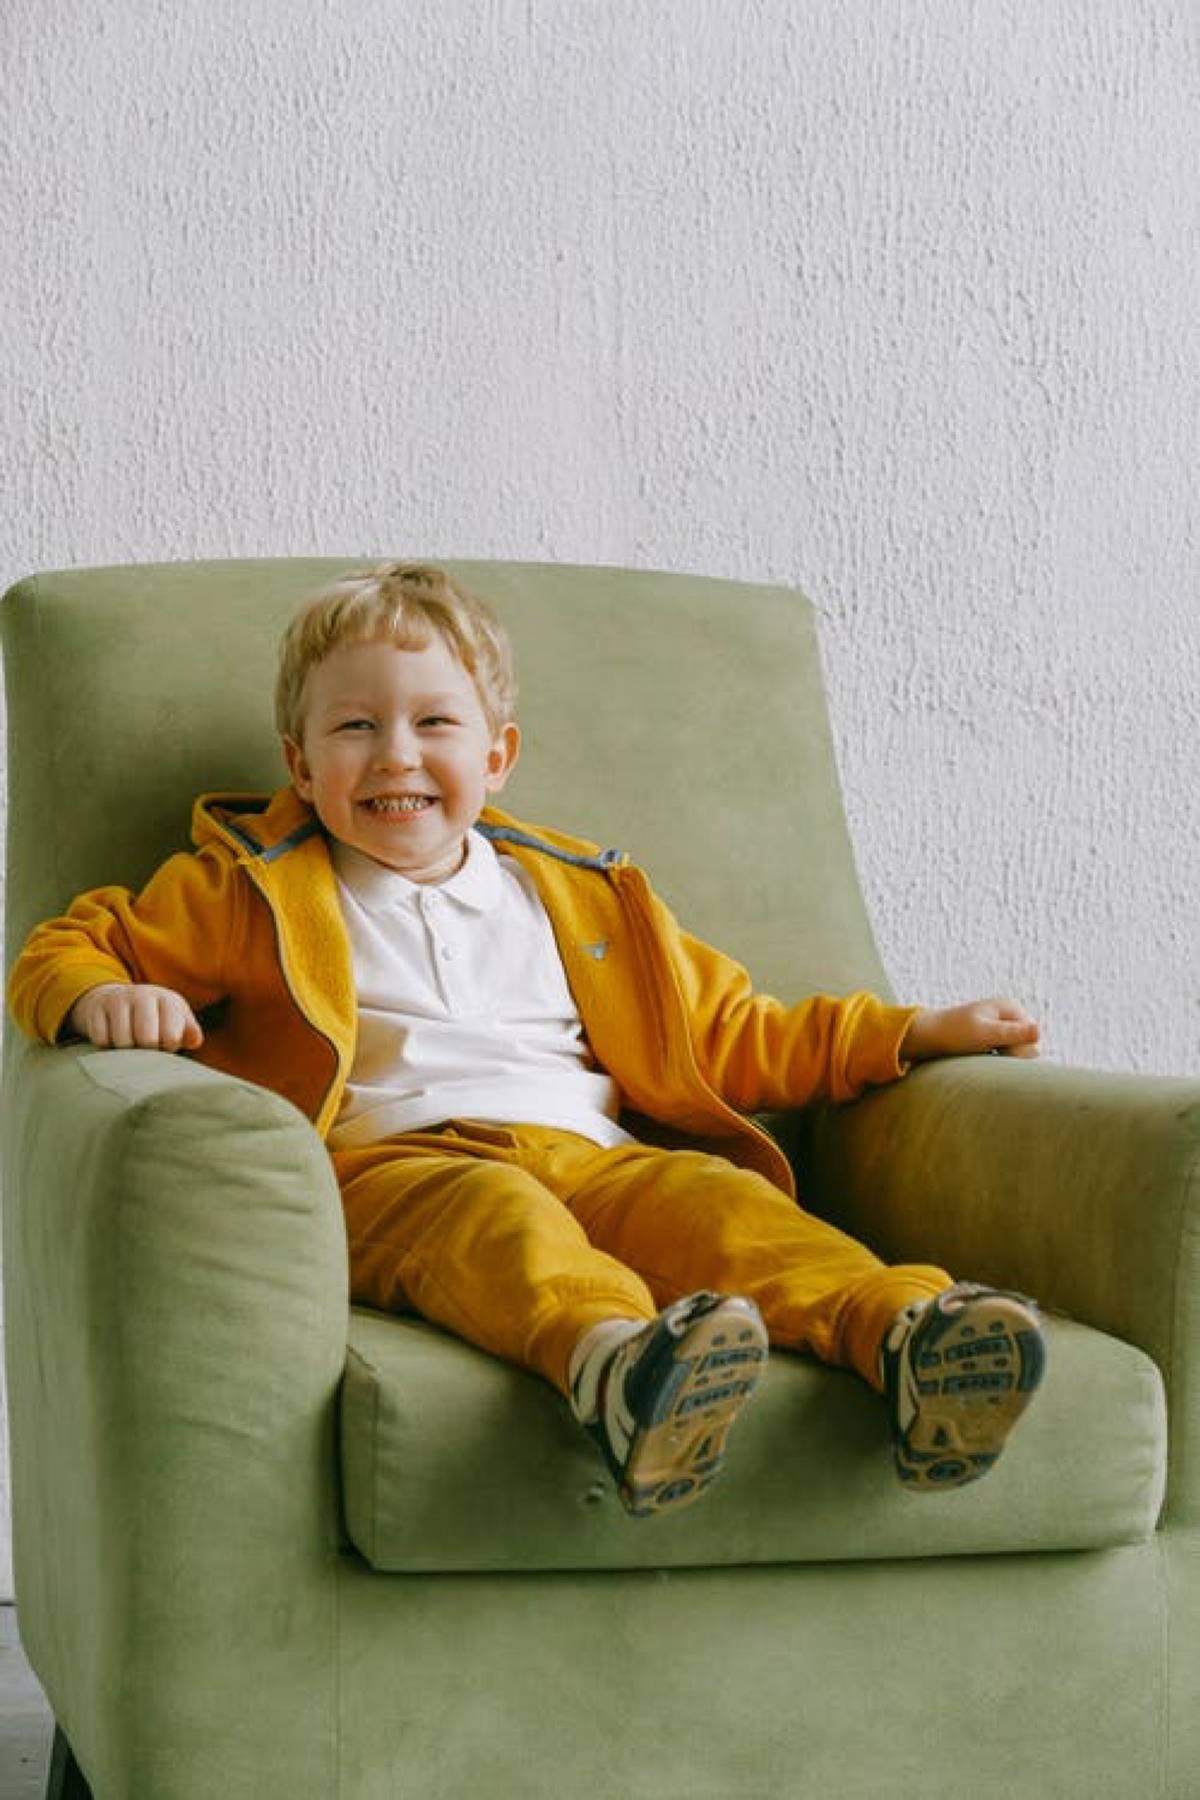 kid on large armchair